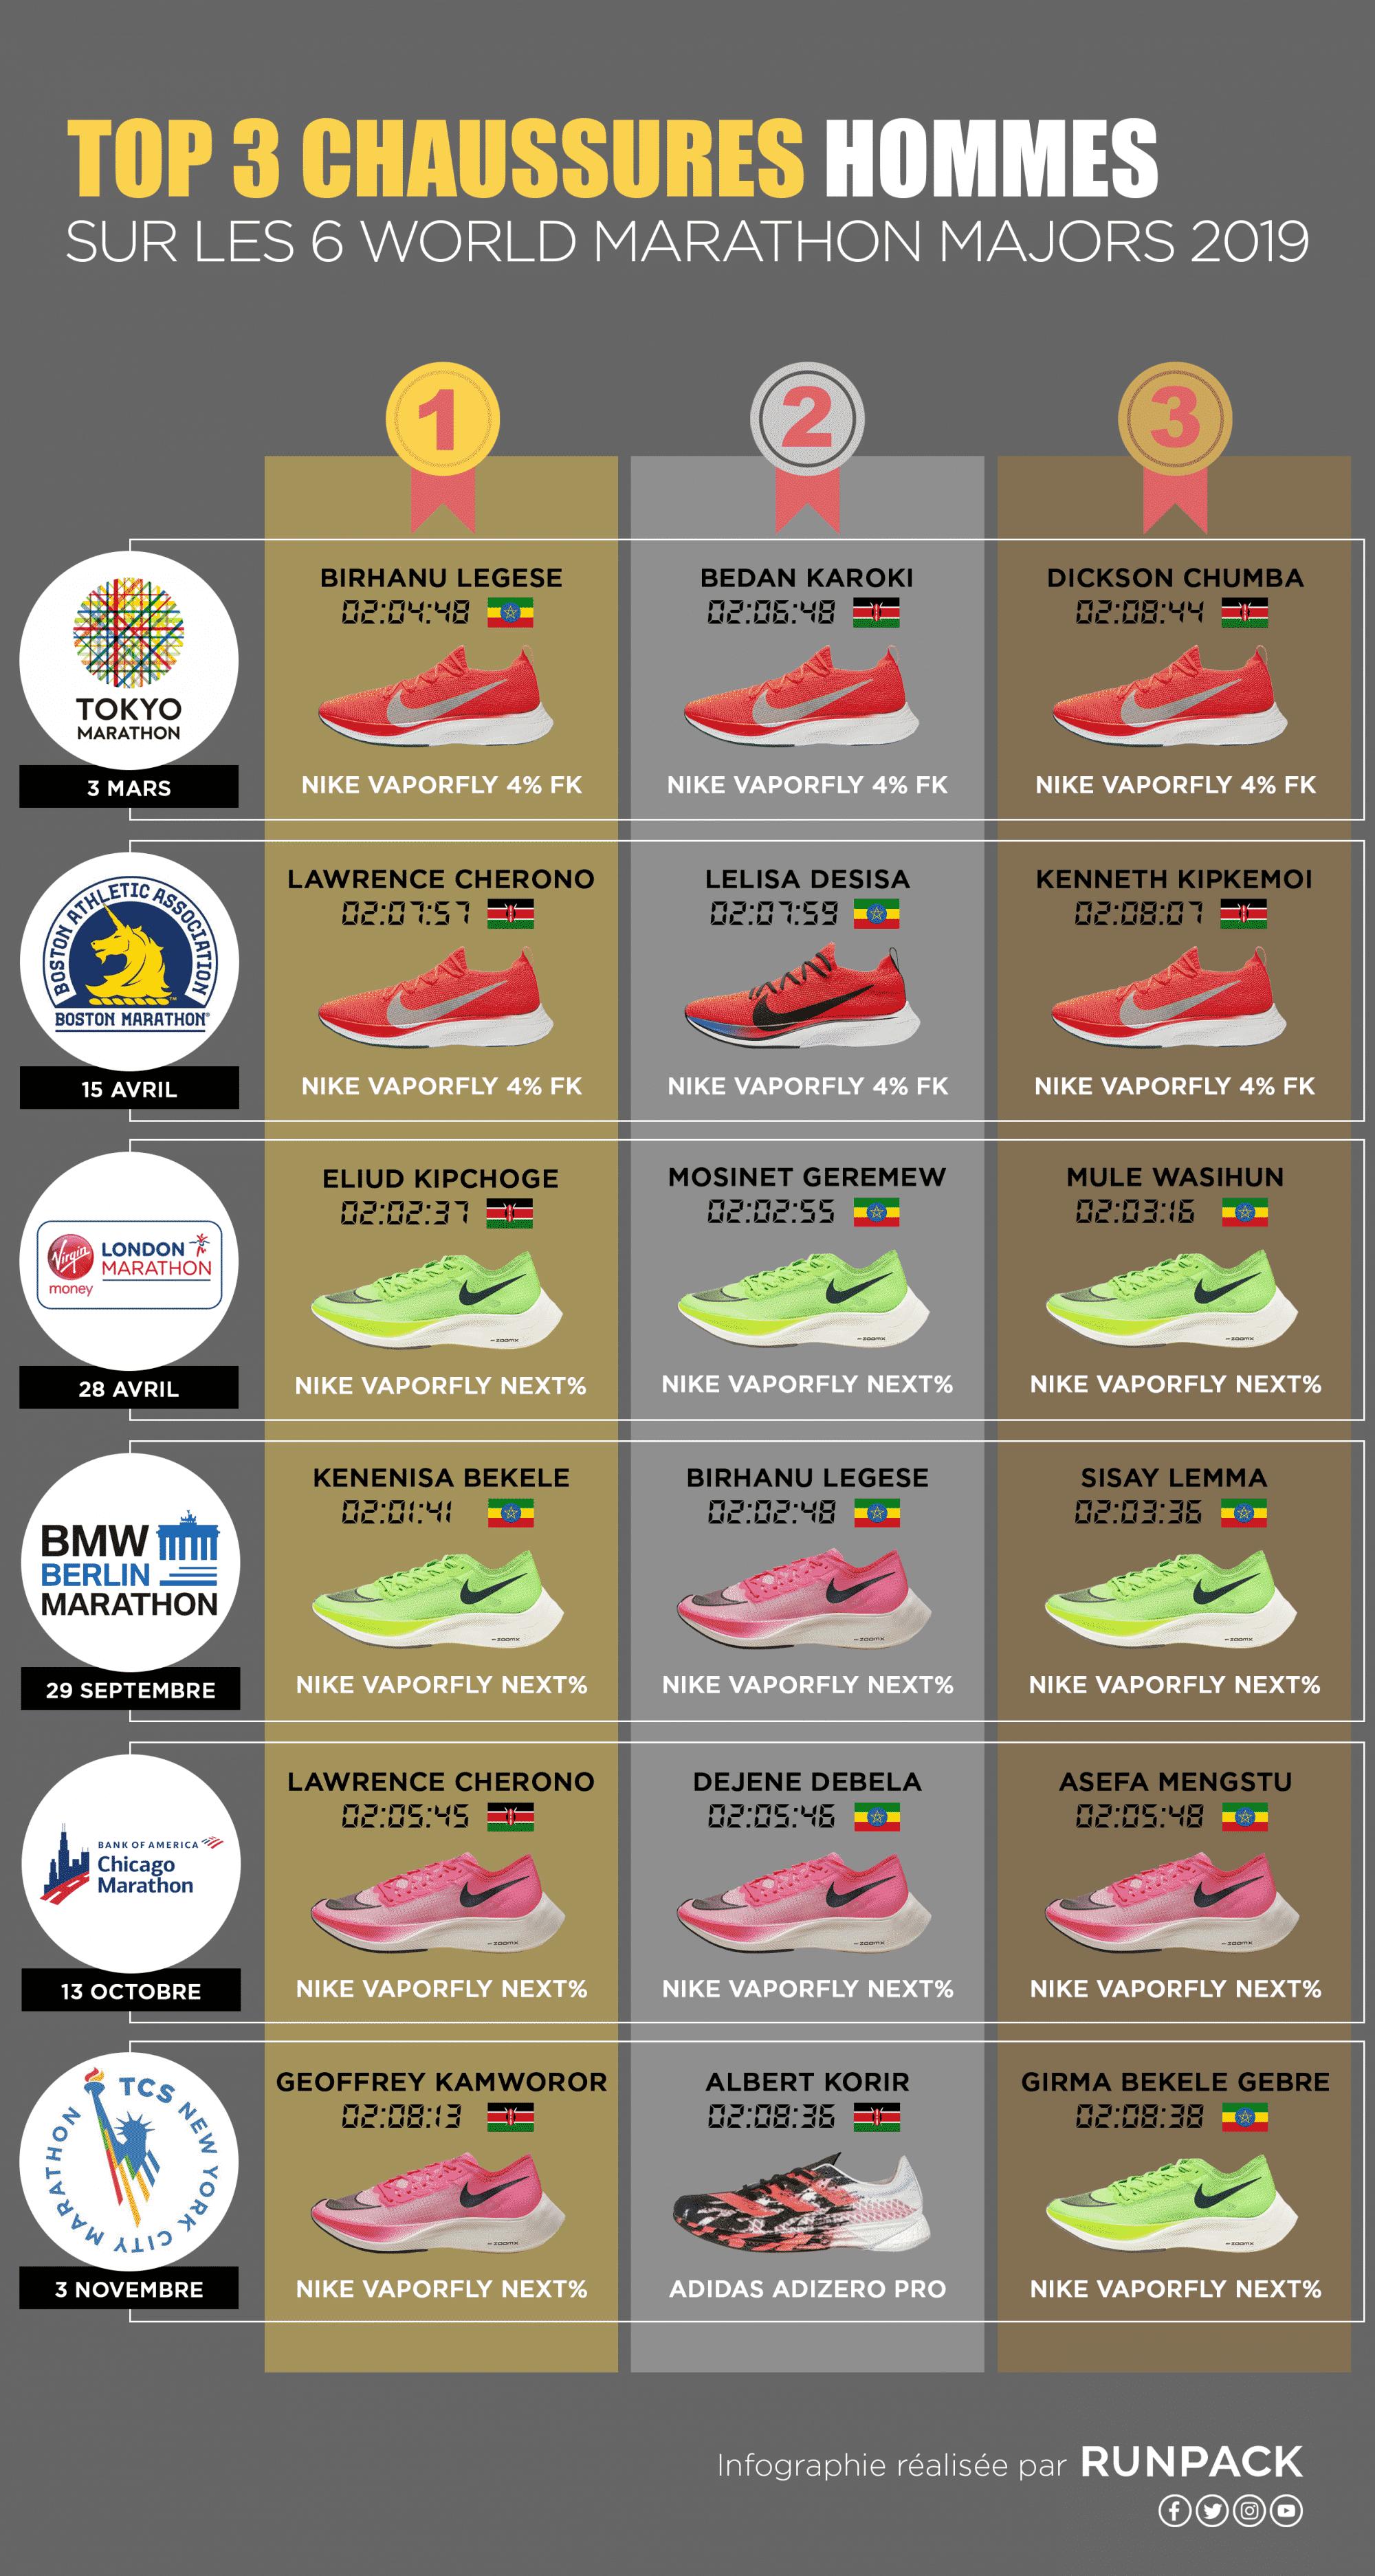 Infographie_Top3_Chaussures_Marathons_Hommes_Runpack